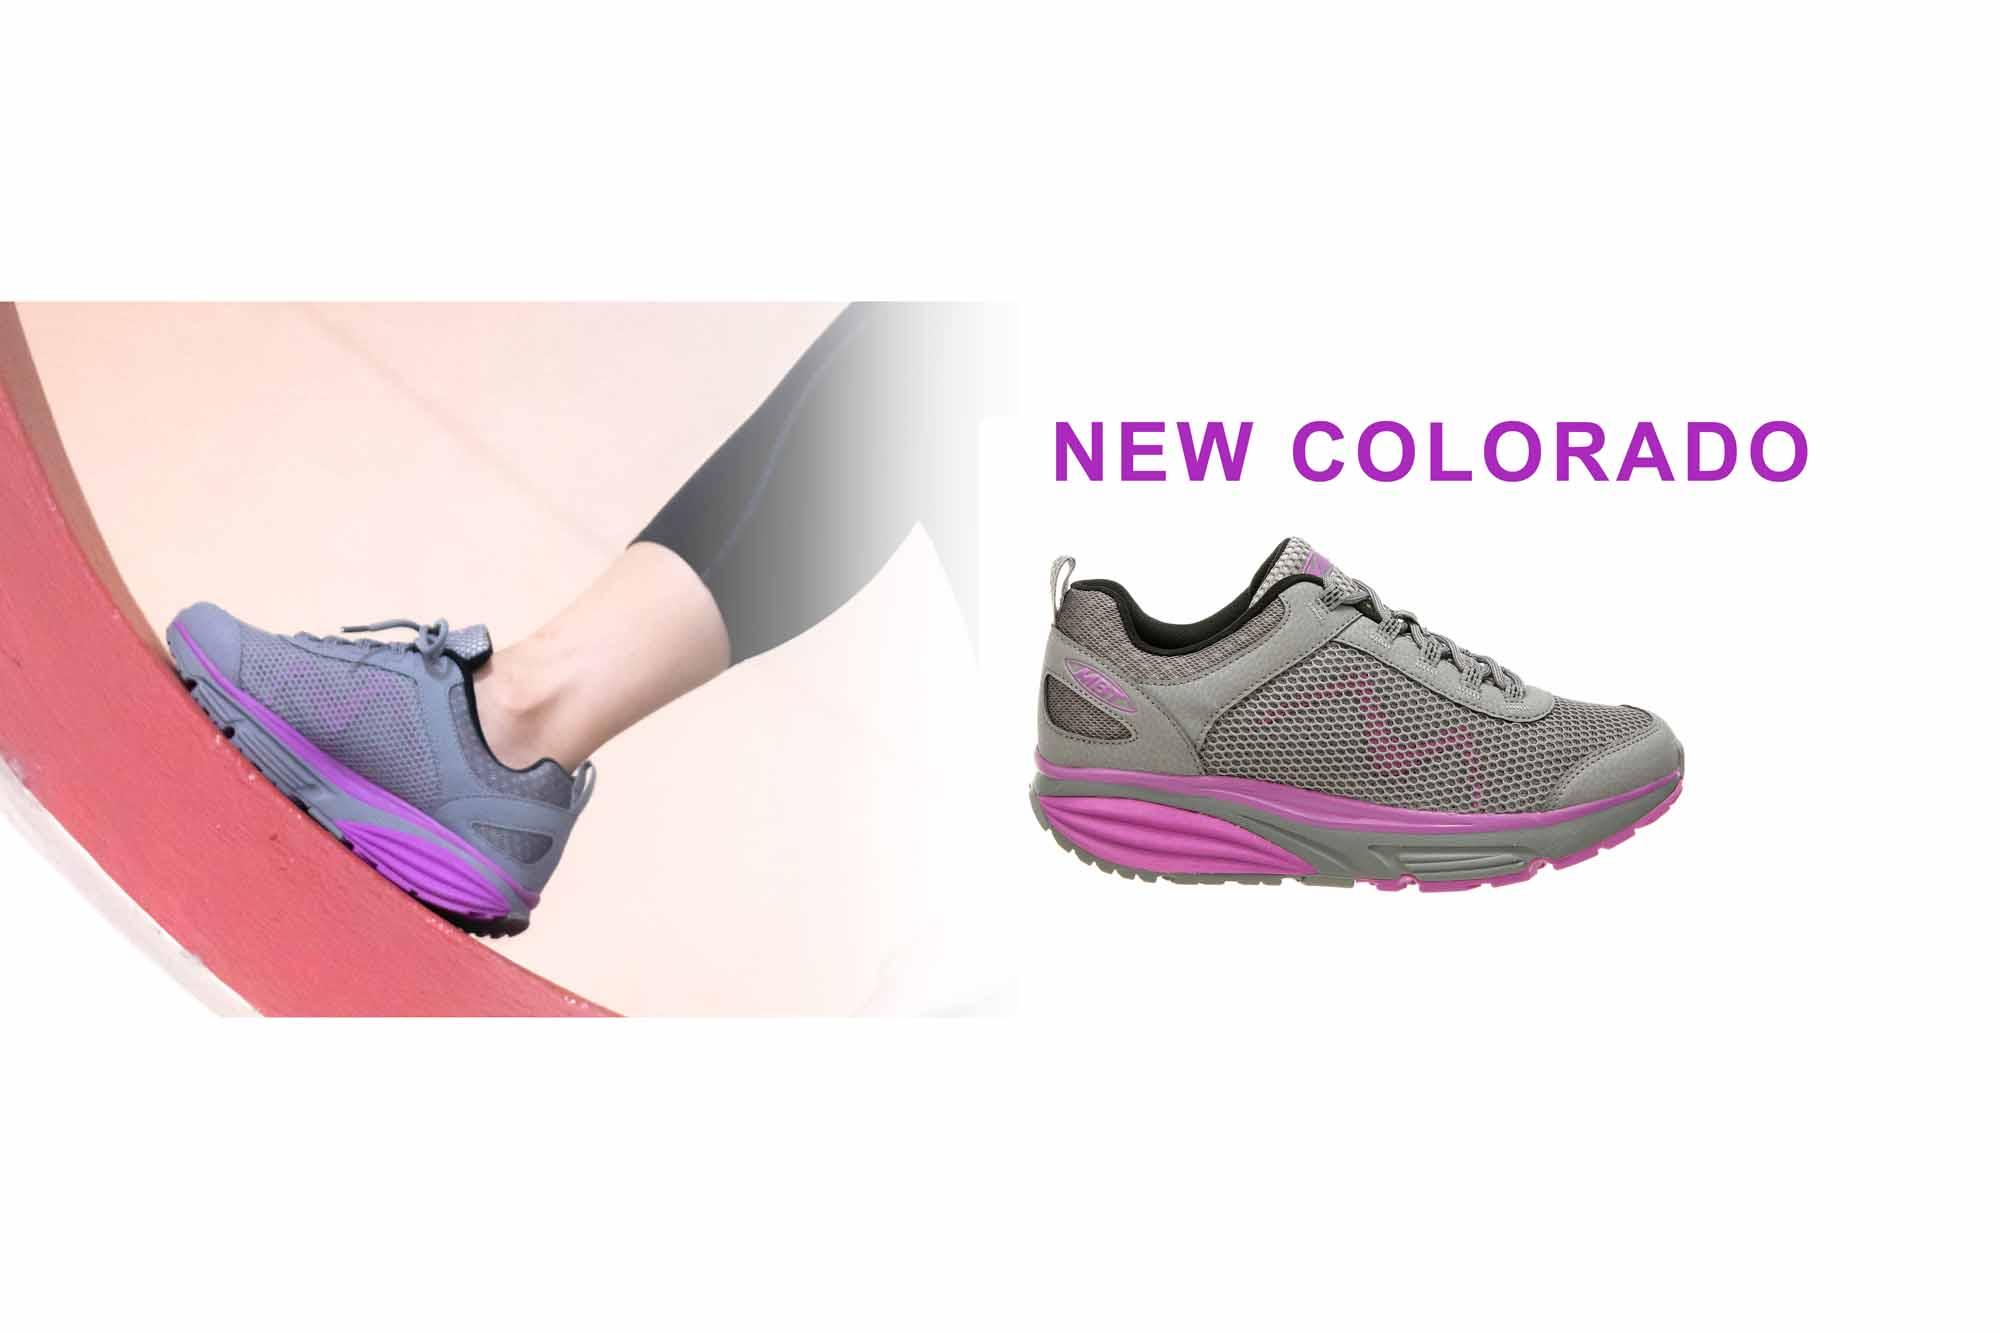 MBT Schuhe COLORADO New